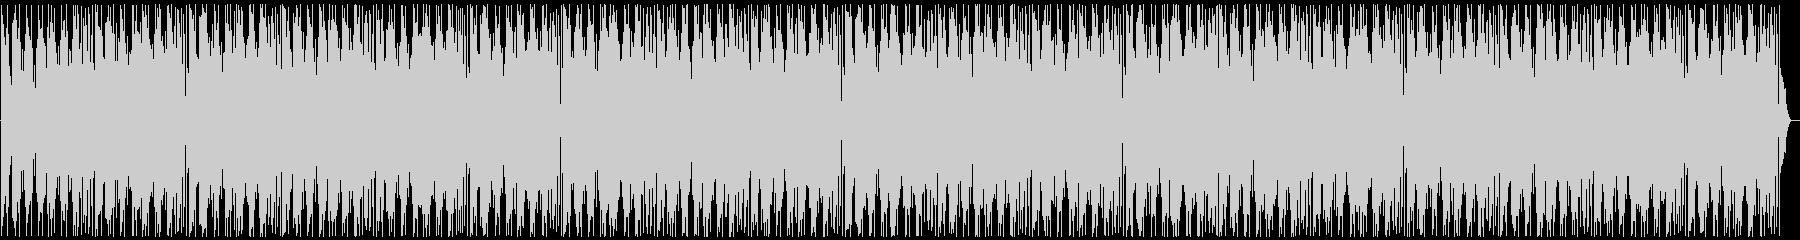 夜のニュースのエンディング風BGMの未再生の波形